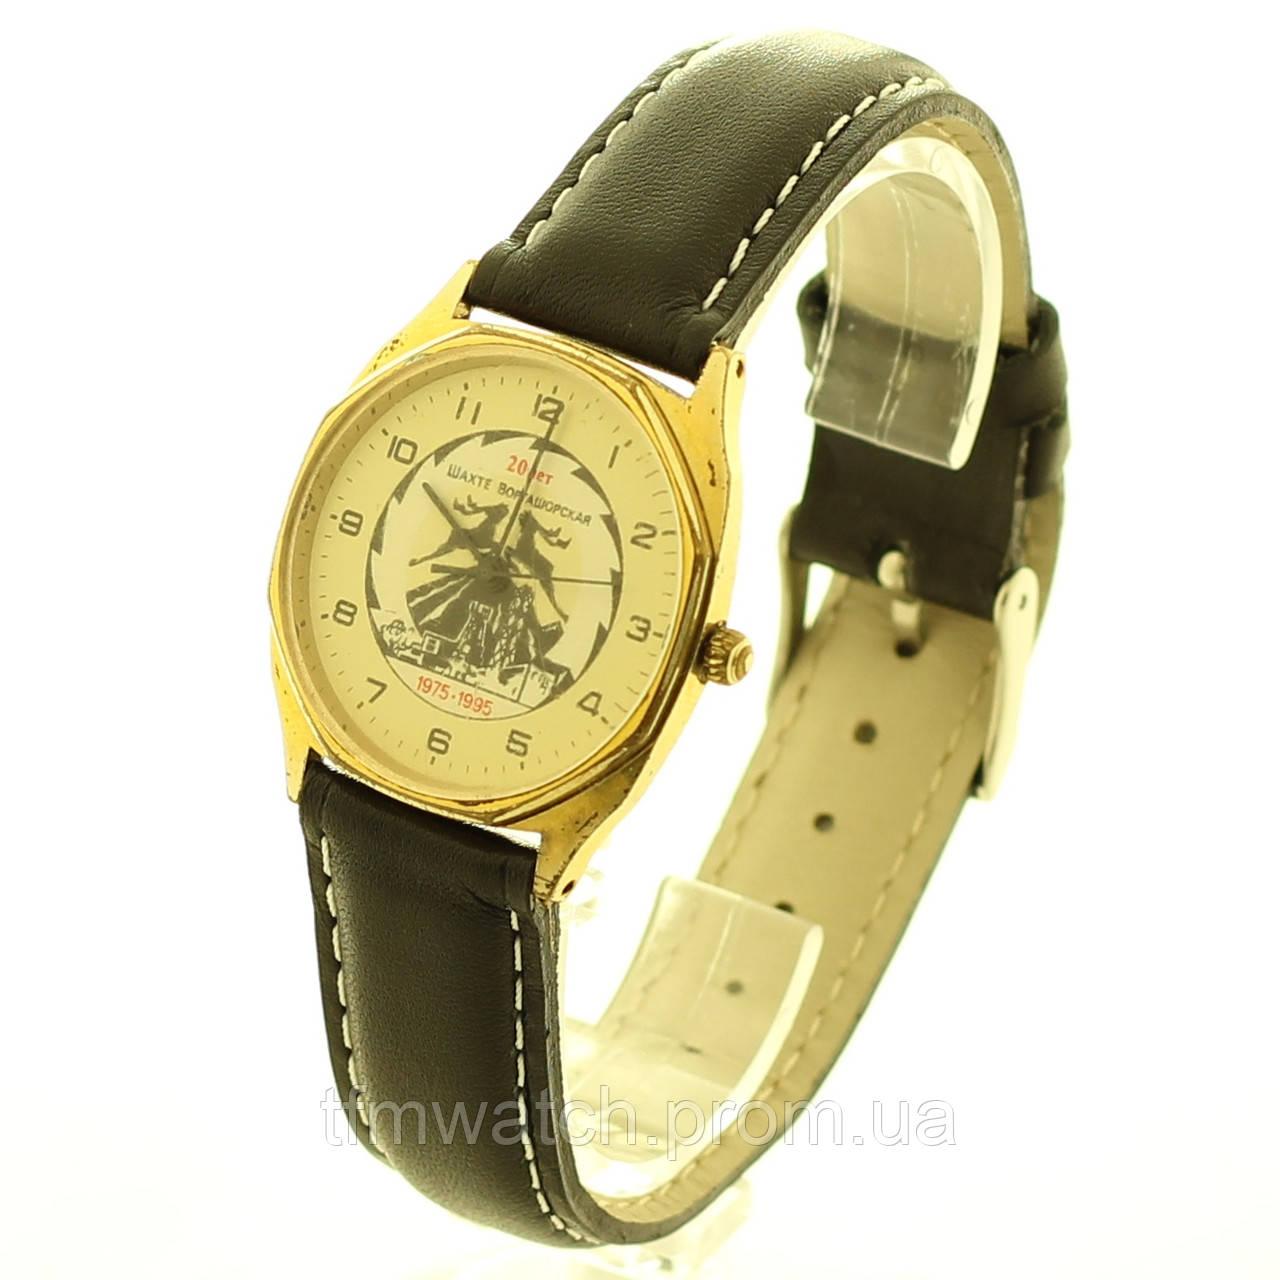 Полет кварц наручные часы Россия